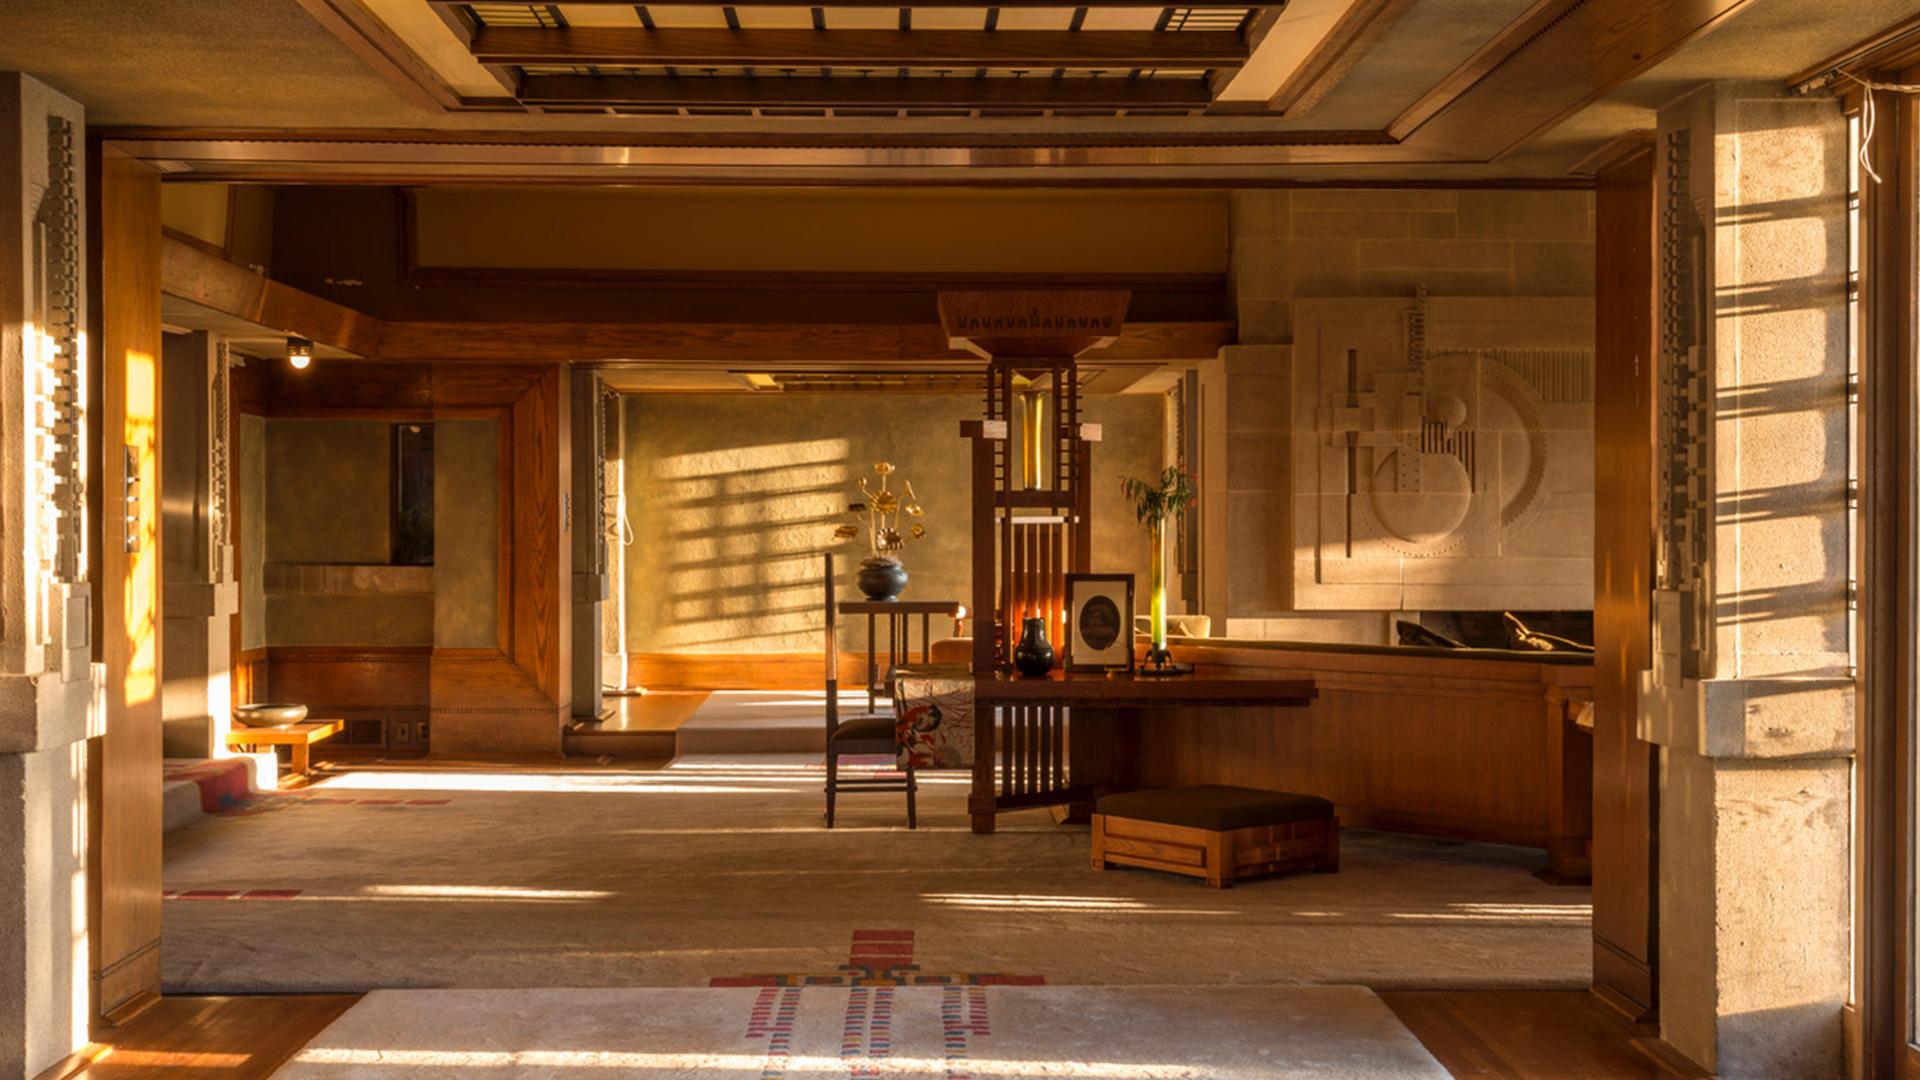 A look inside Frank Lloyd Wrights Hollyhock House